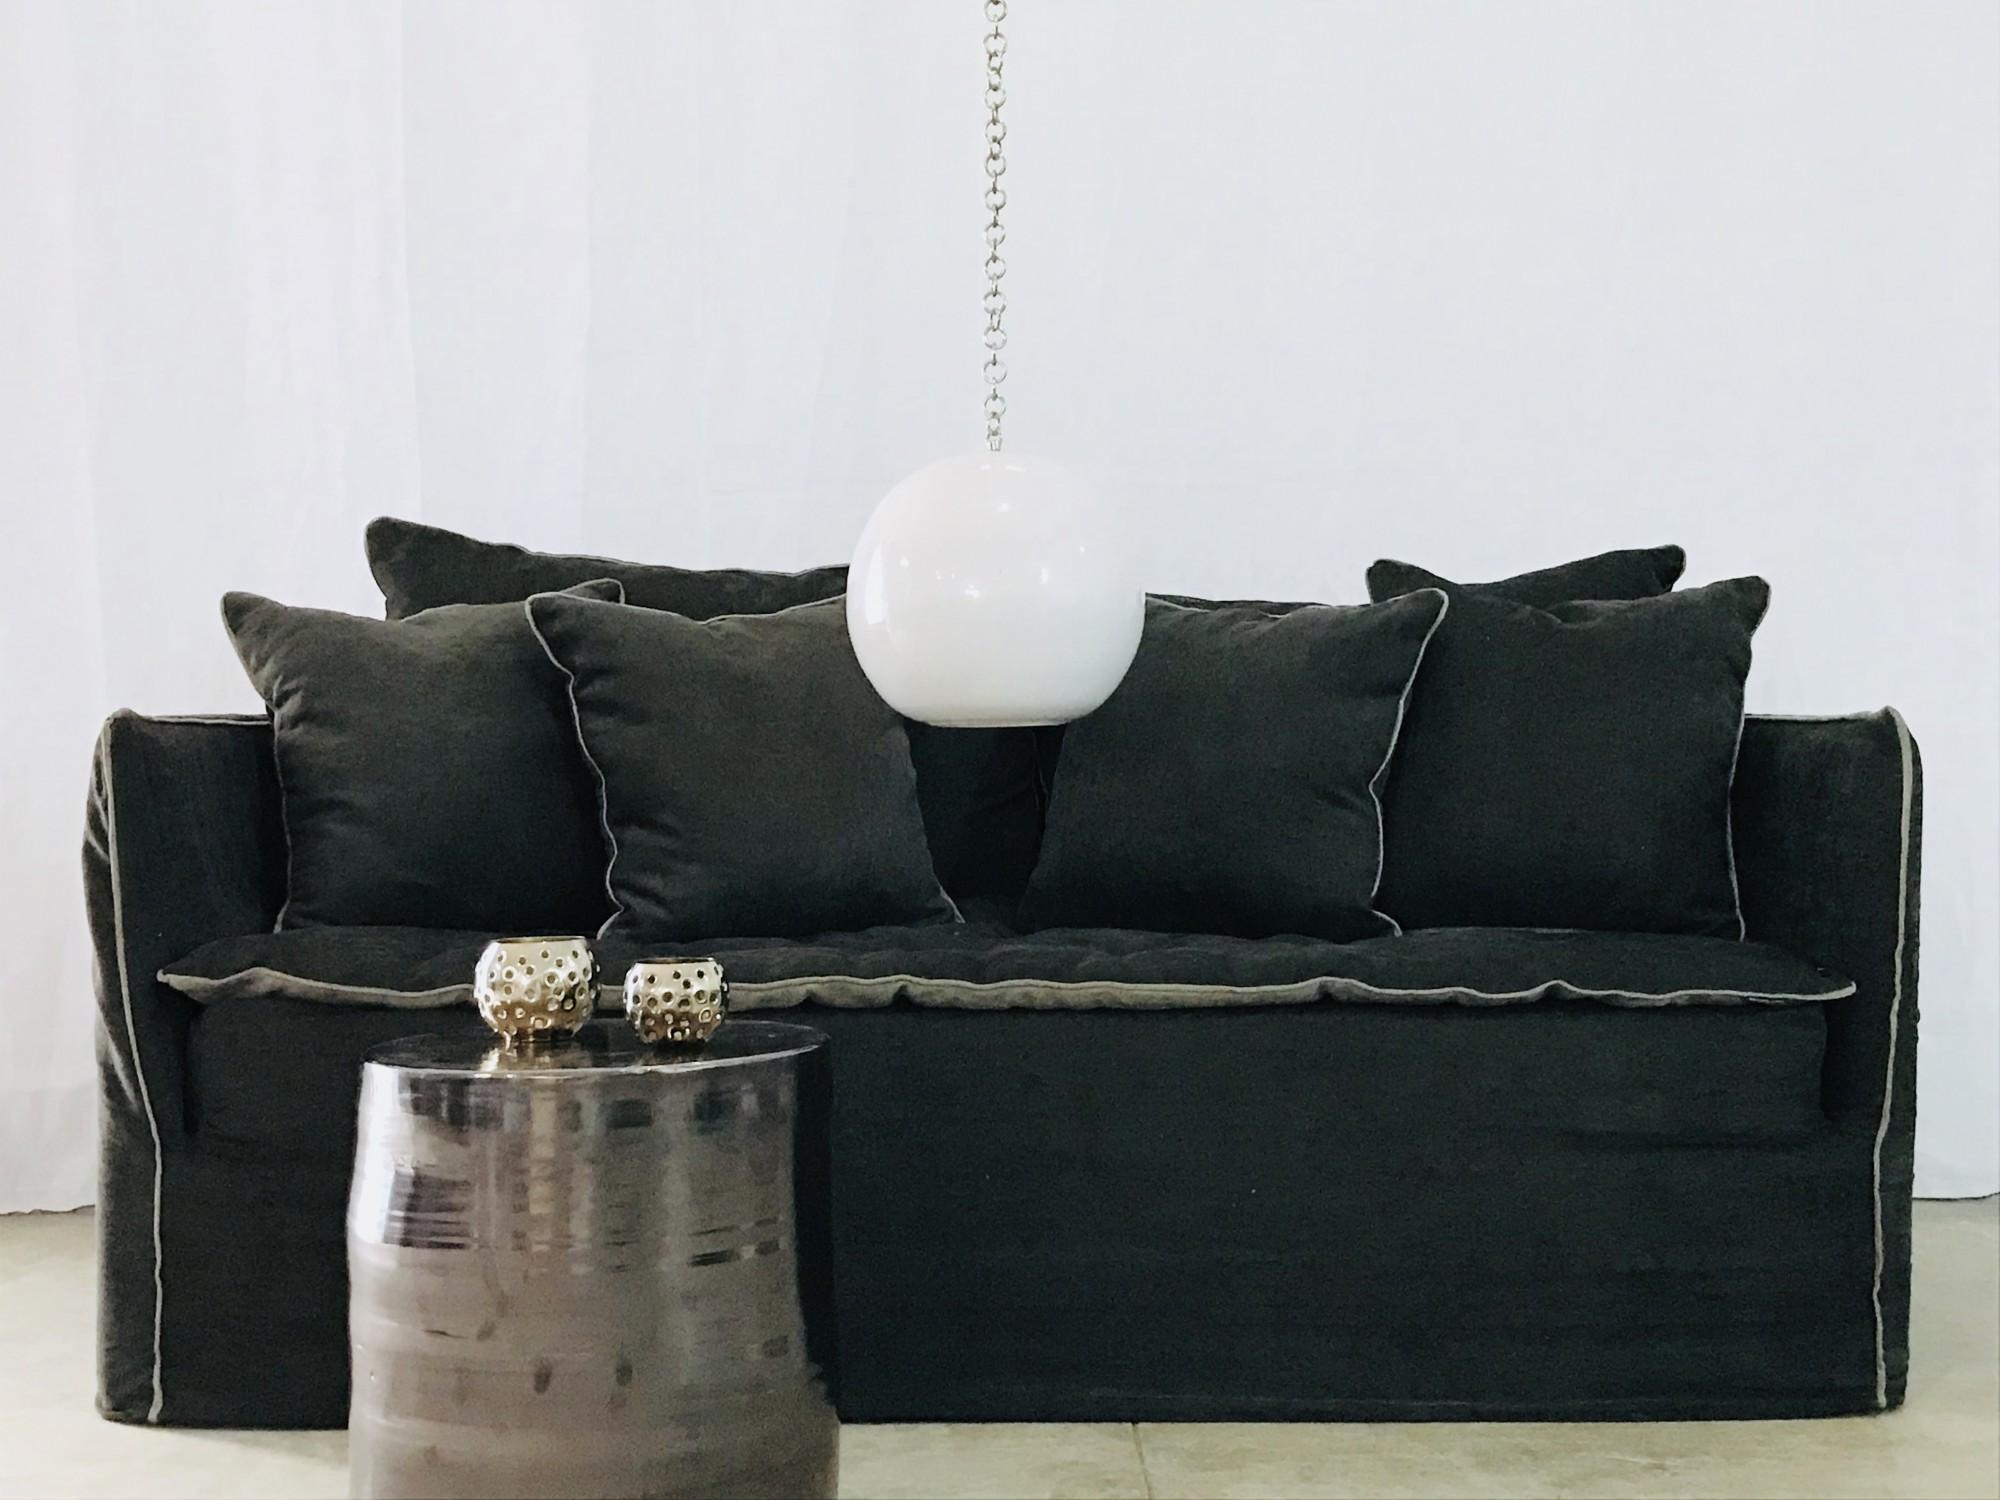 Canapé sur mesure lin lavé noir Cannes et Valbonne Côte d'azur